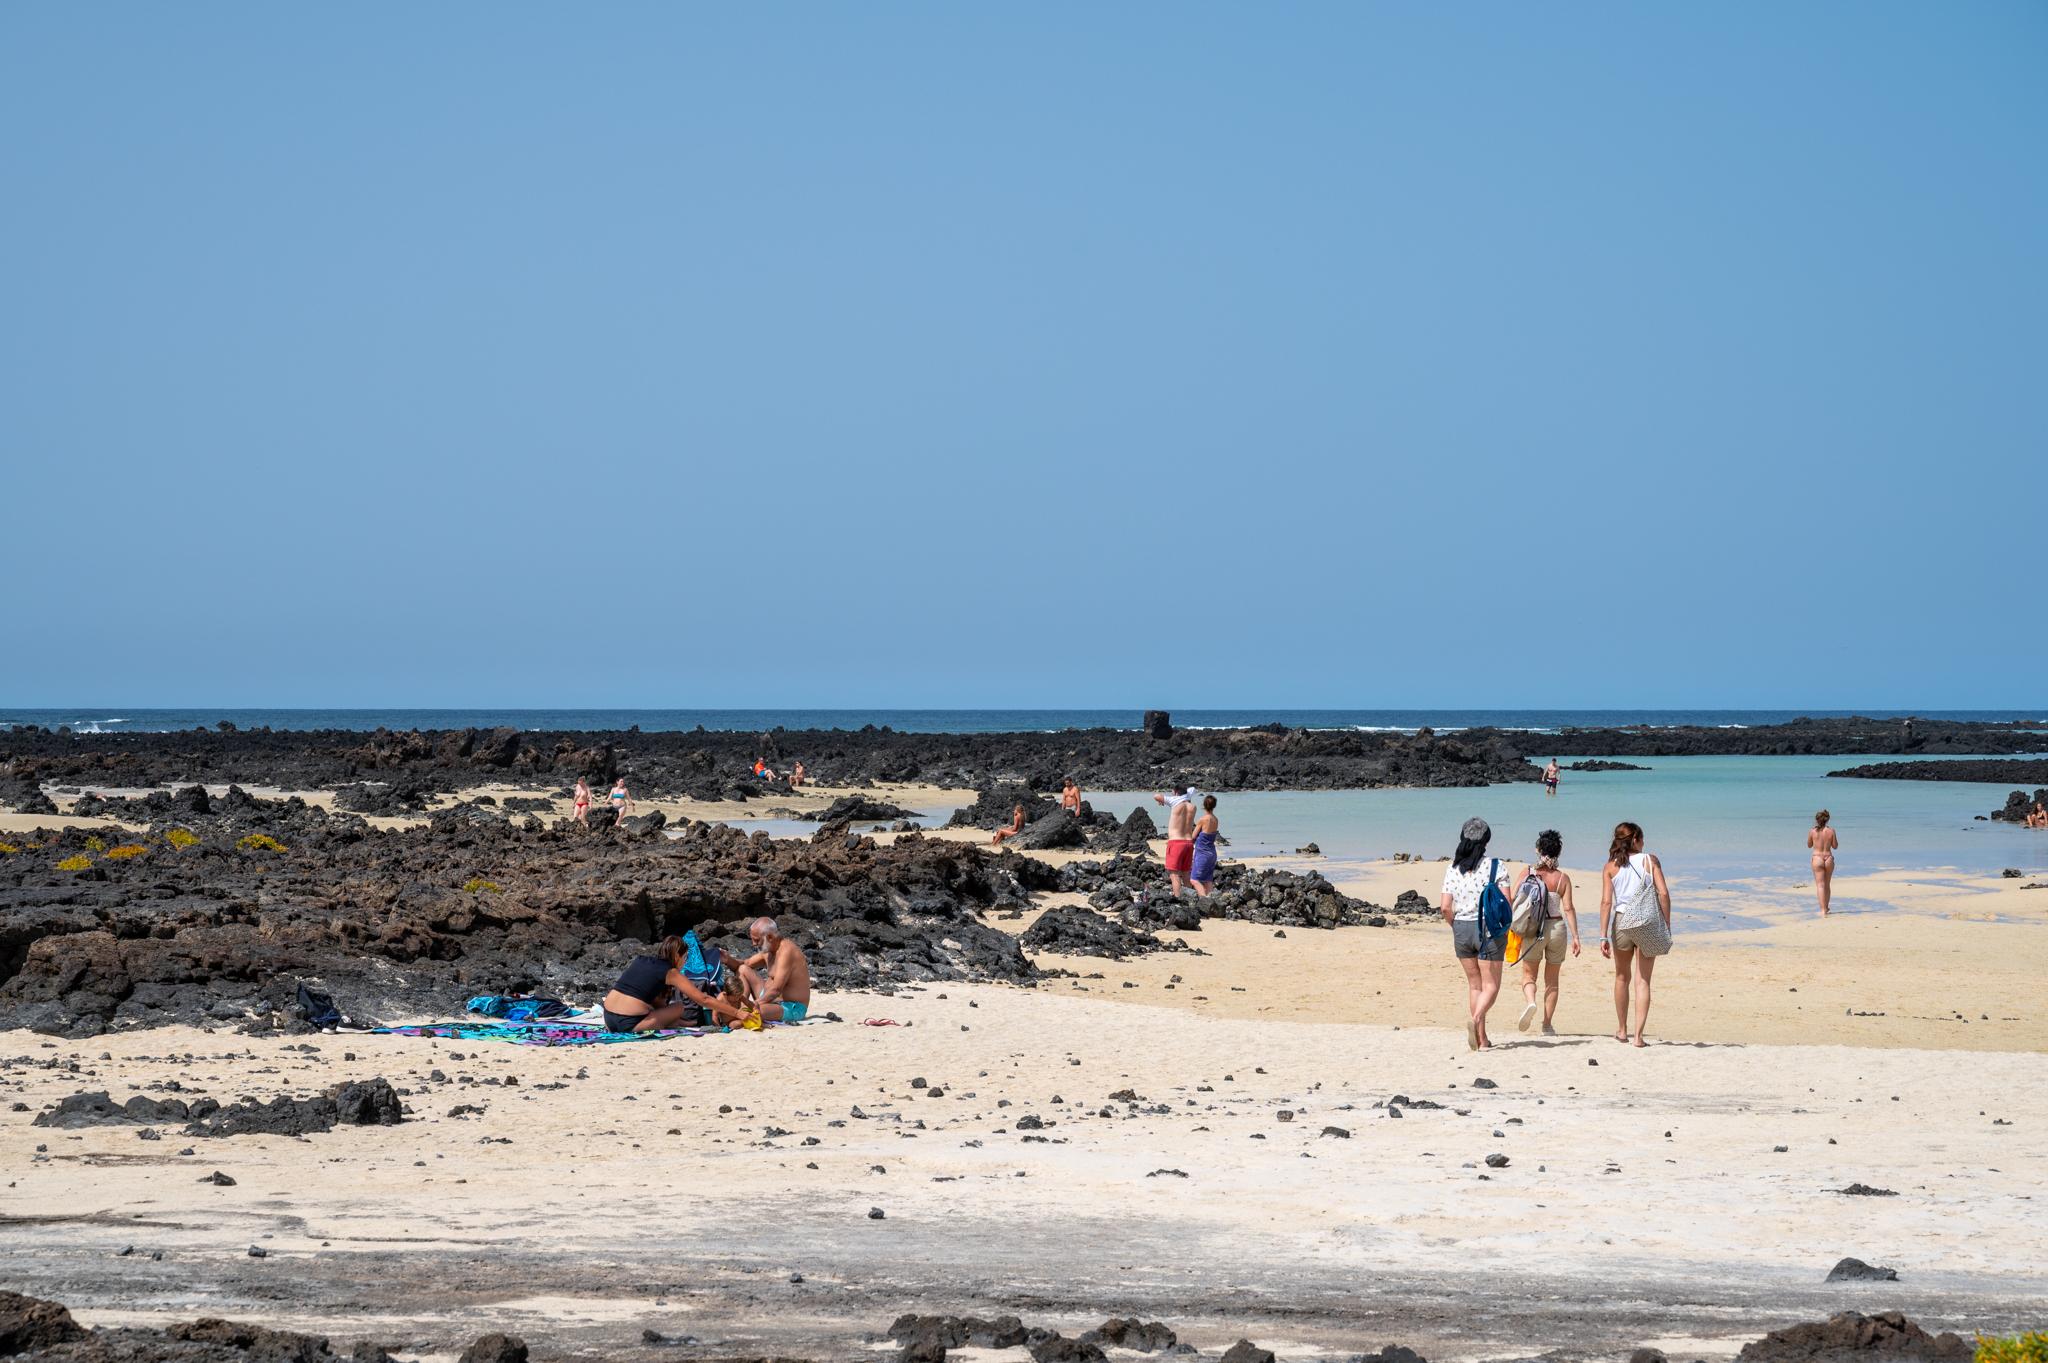 Playa Orzola, einer der Strände auf Lanzarote